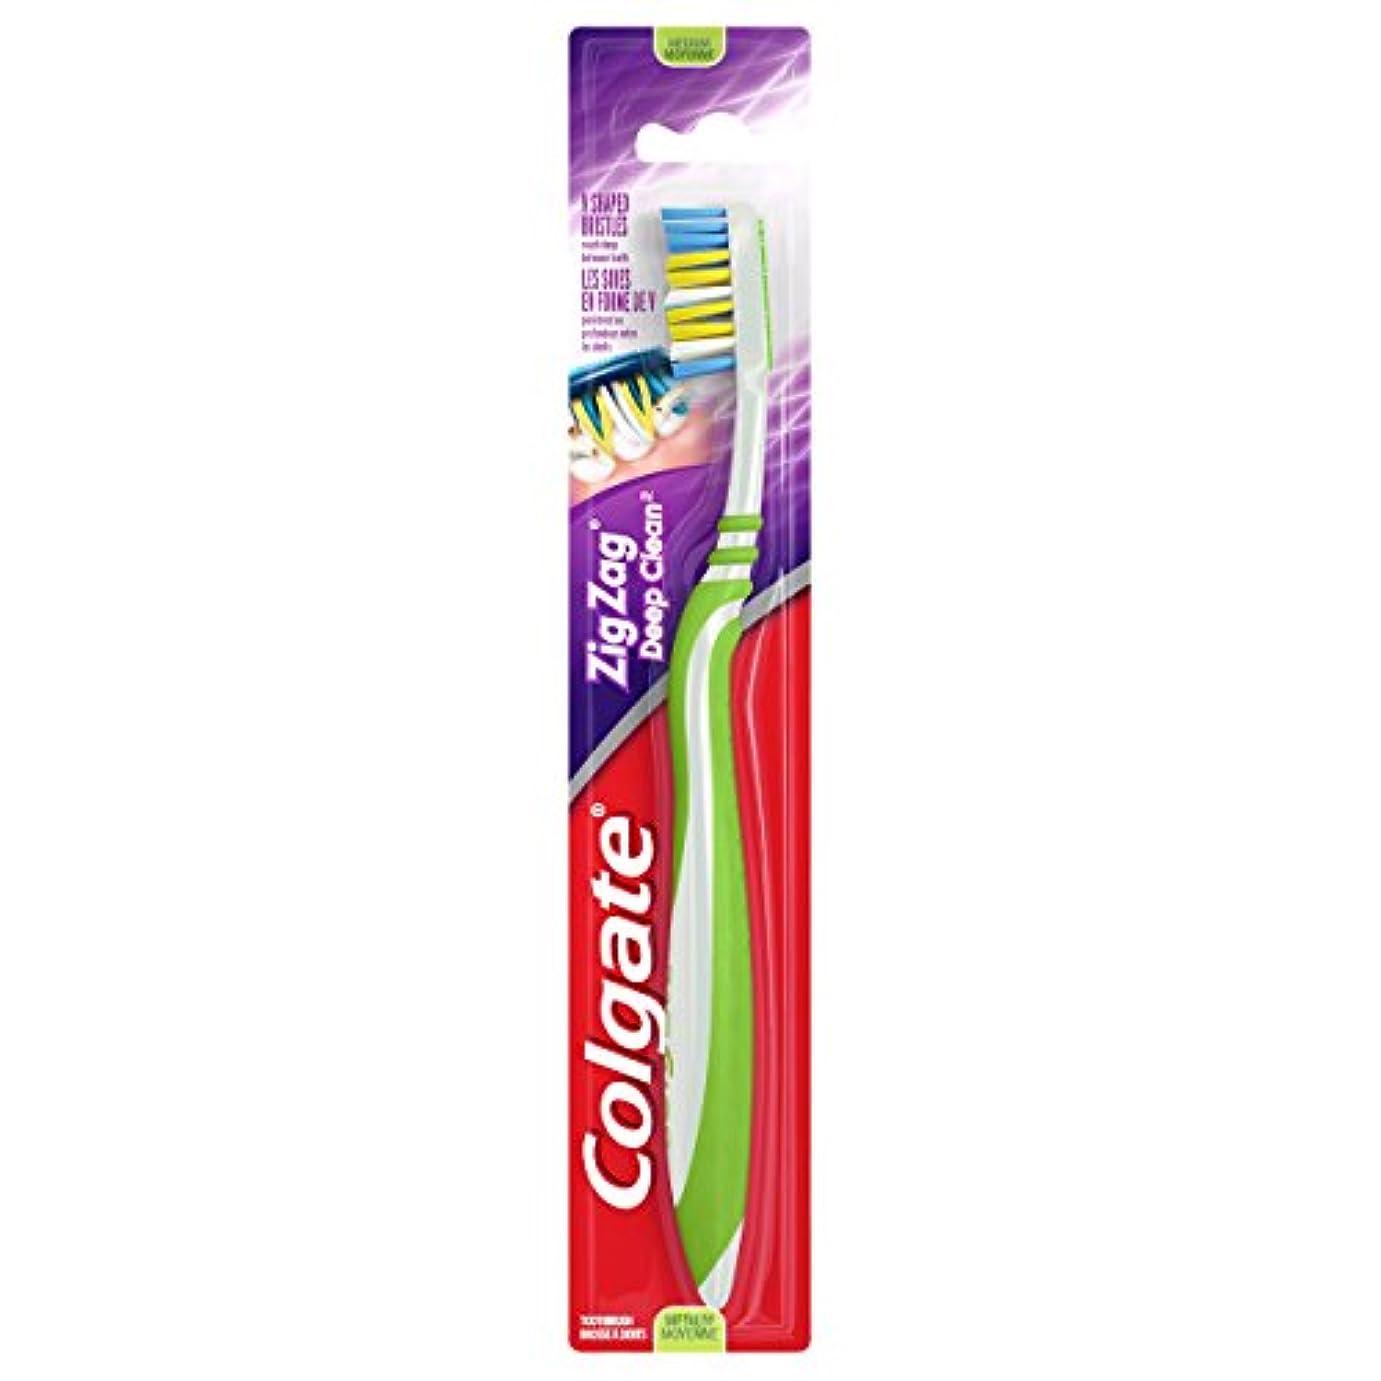 欠員追放コンプライアンスColgate ジグザグディープクリーン歯ブラシ、ミディアム(6パック)